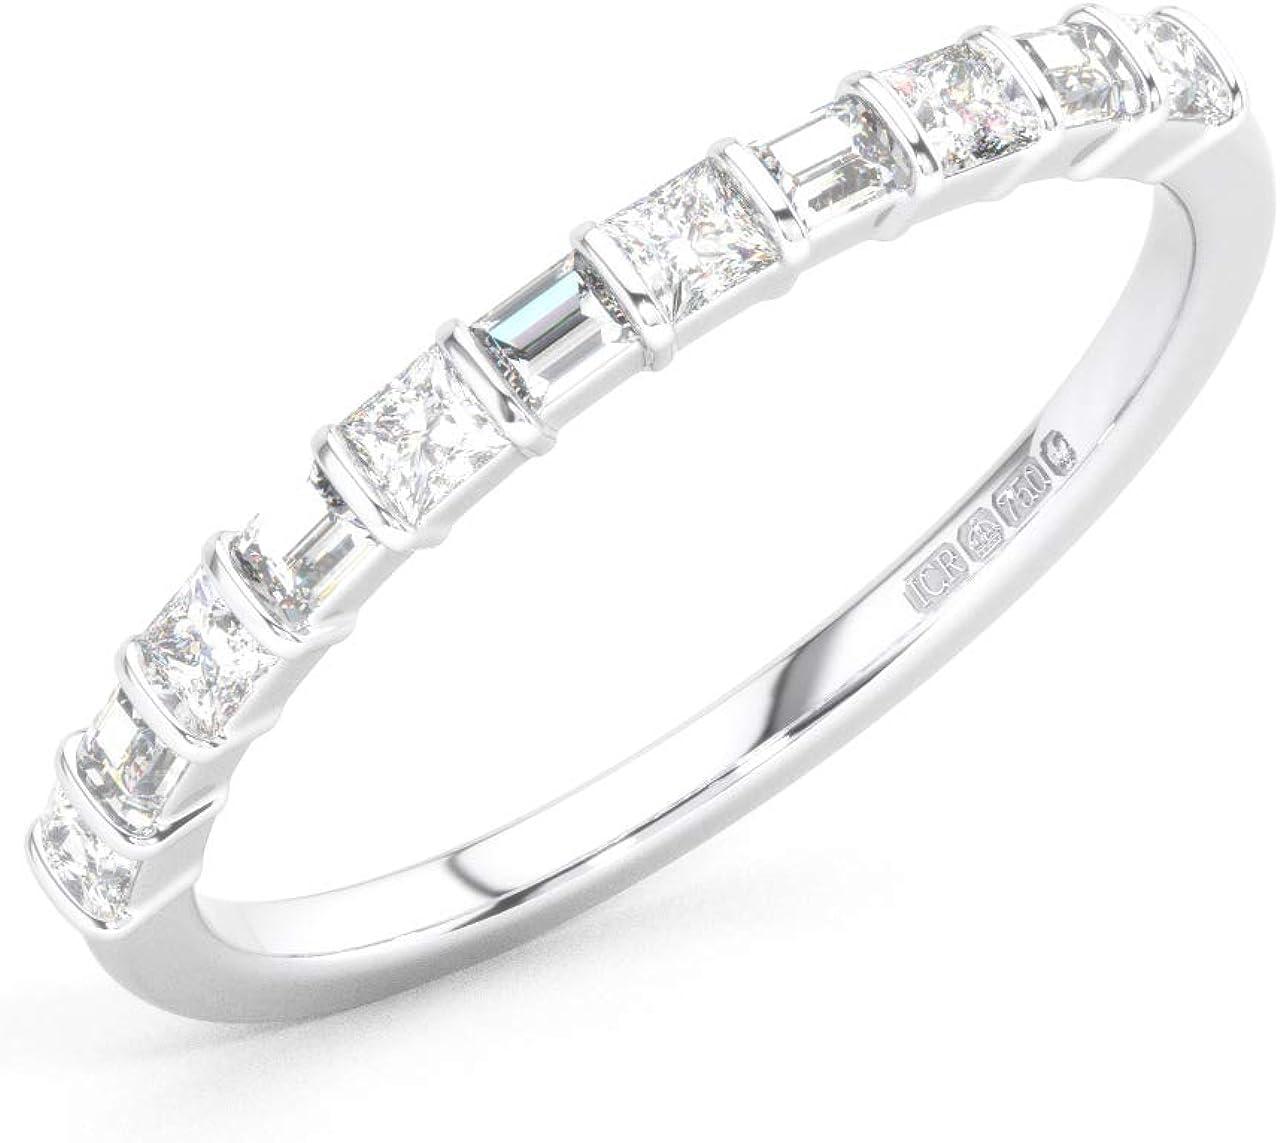 Juego de barra Baguette y diamantes redondos de talla brillante anillo de media eternidad en platino